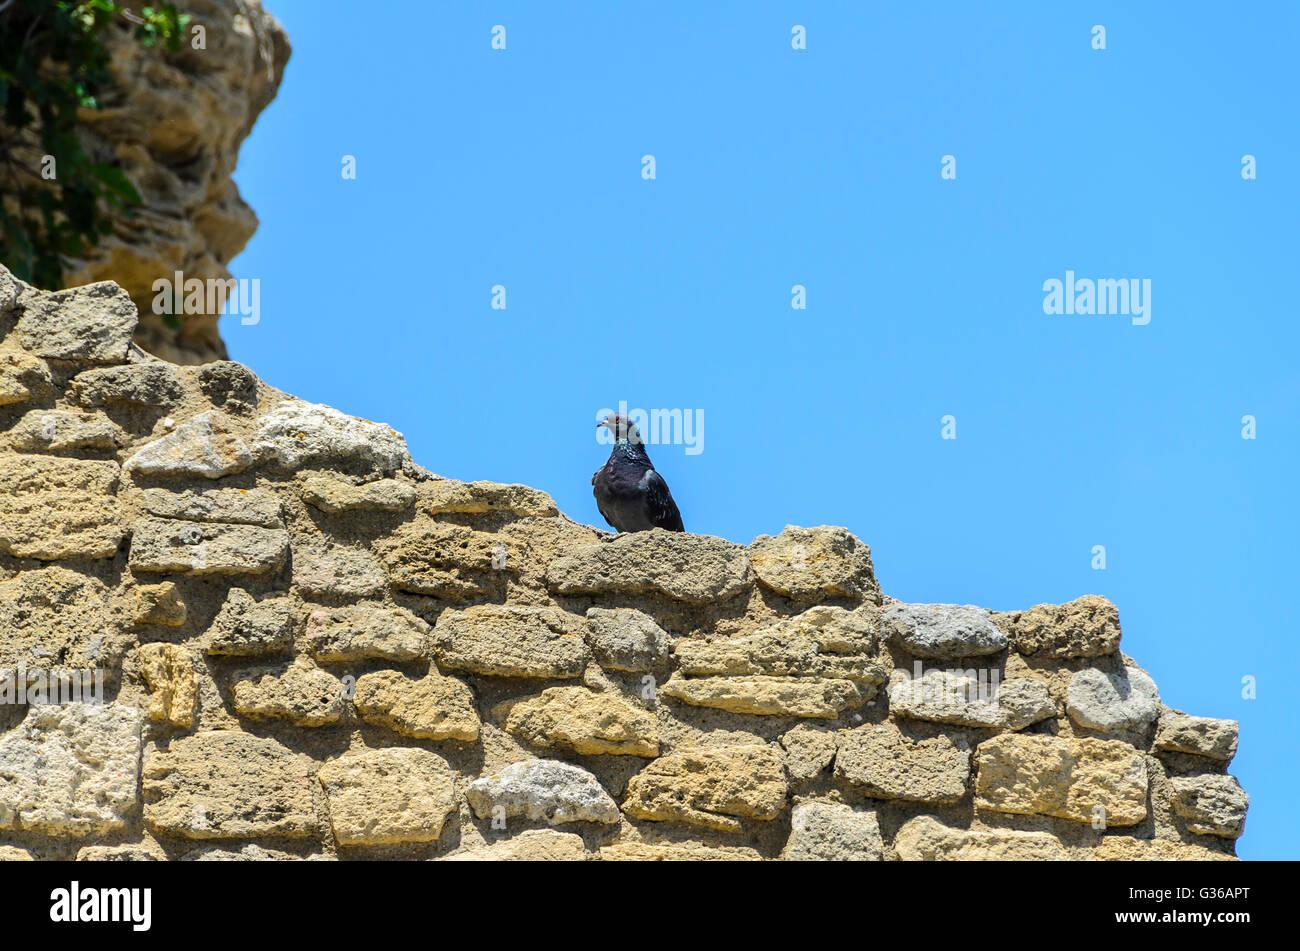 Hauture, site médiéval, Fos sur Mer, Bouches du Rhône, France - Stock Image